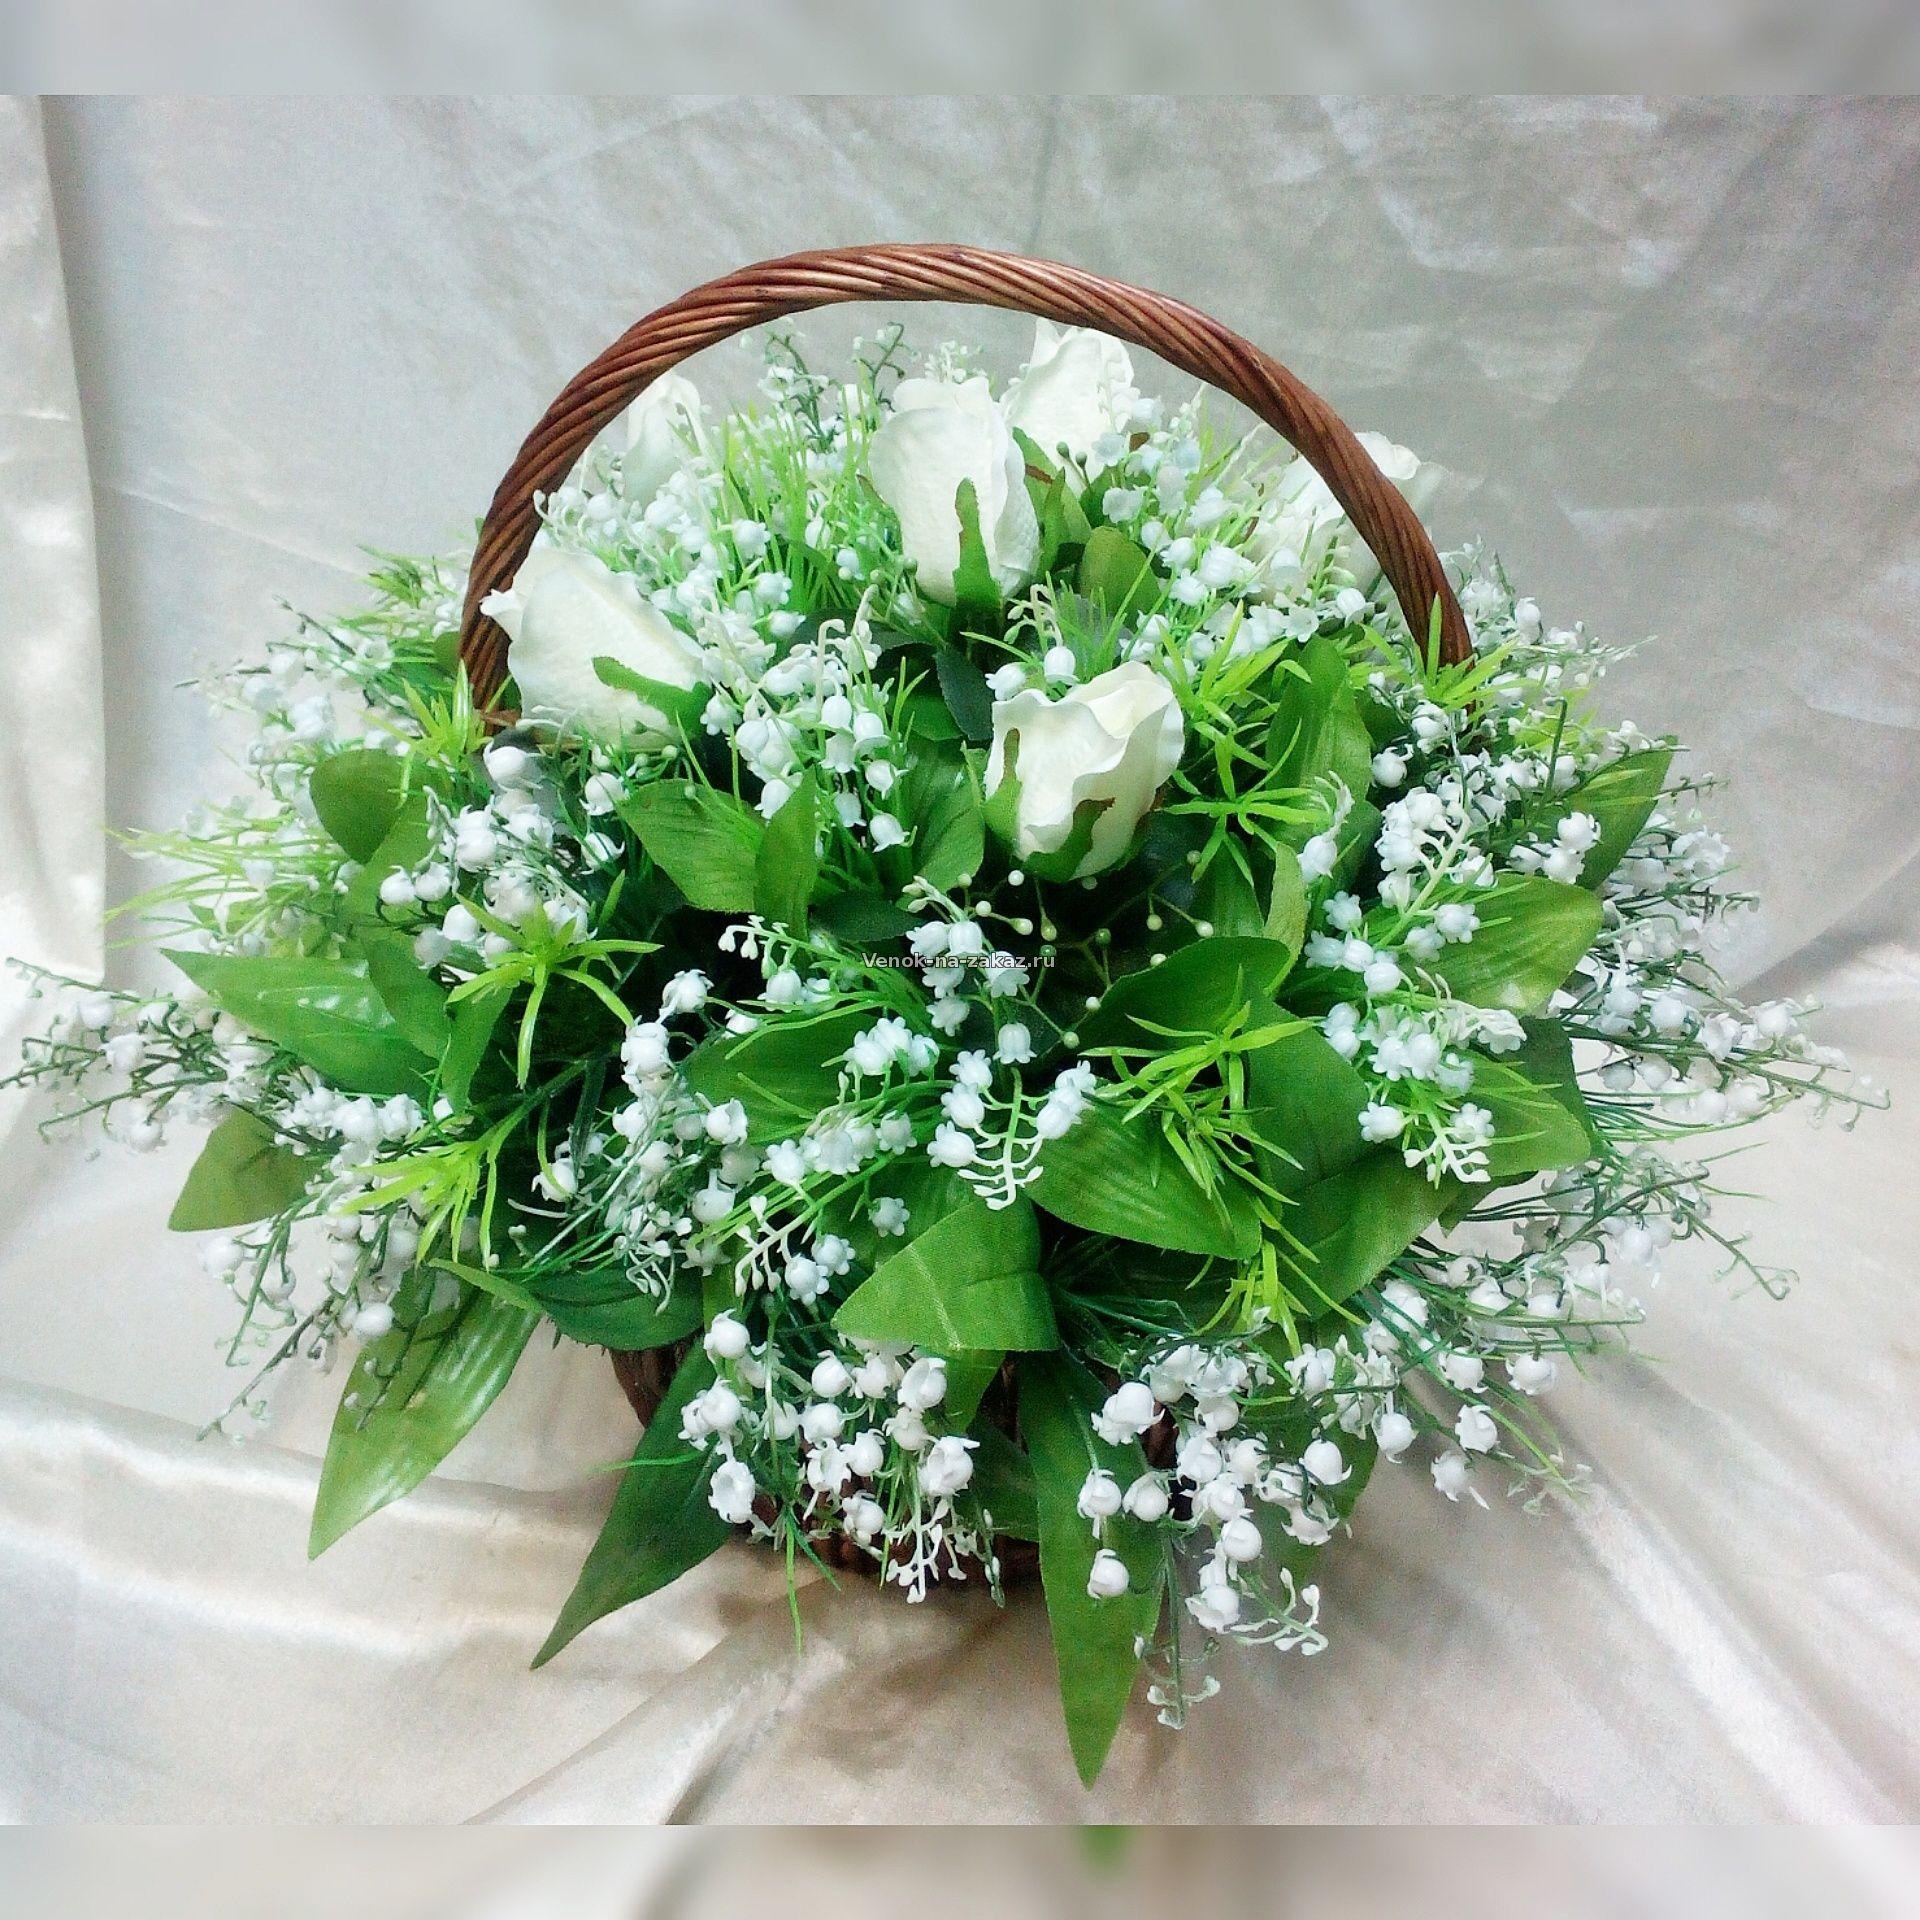 Цветы искусственные в корзинах купить заказ цветов в партизанске приморского края